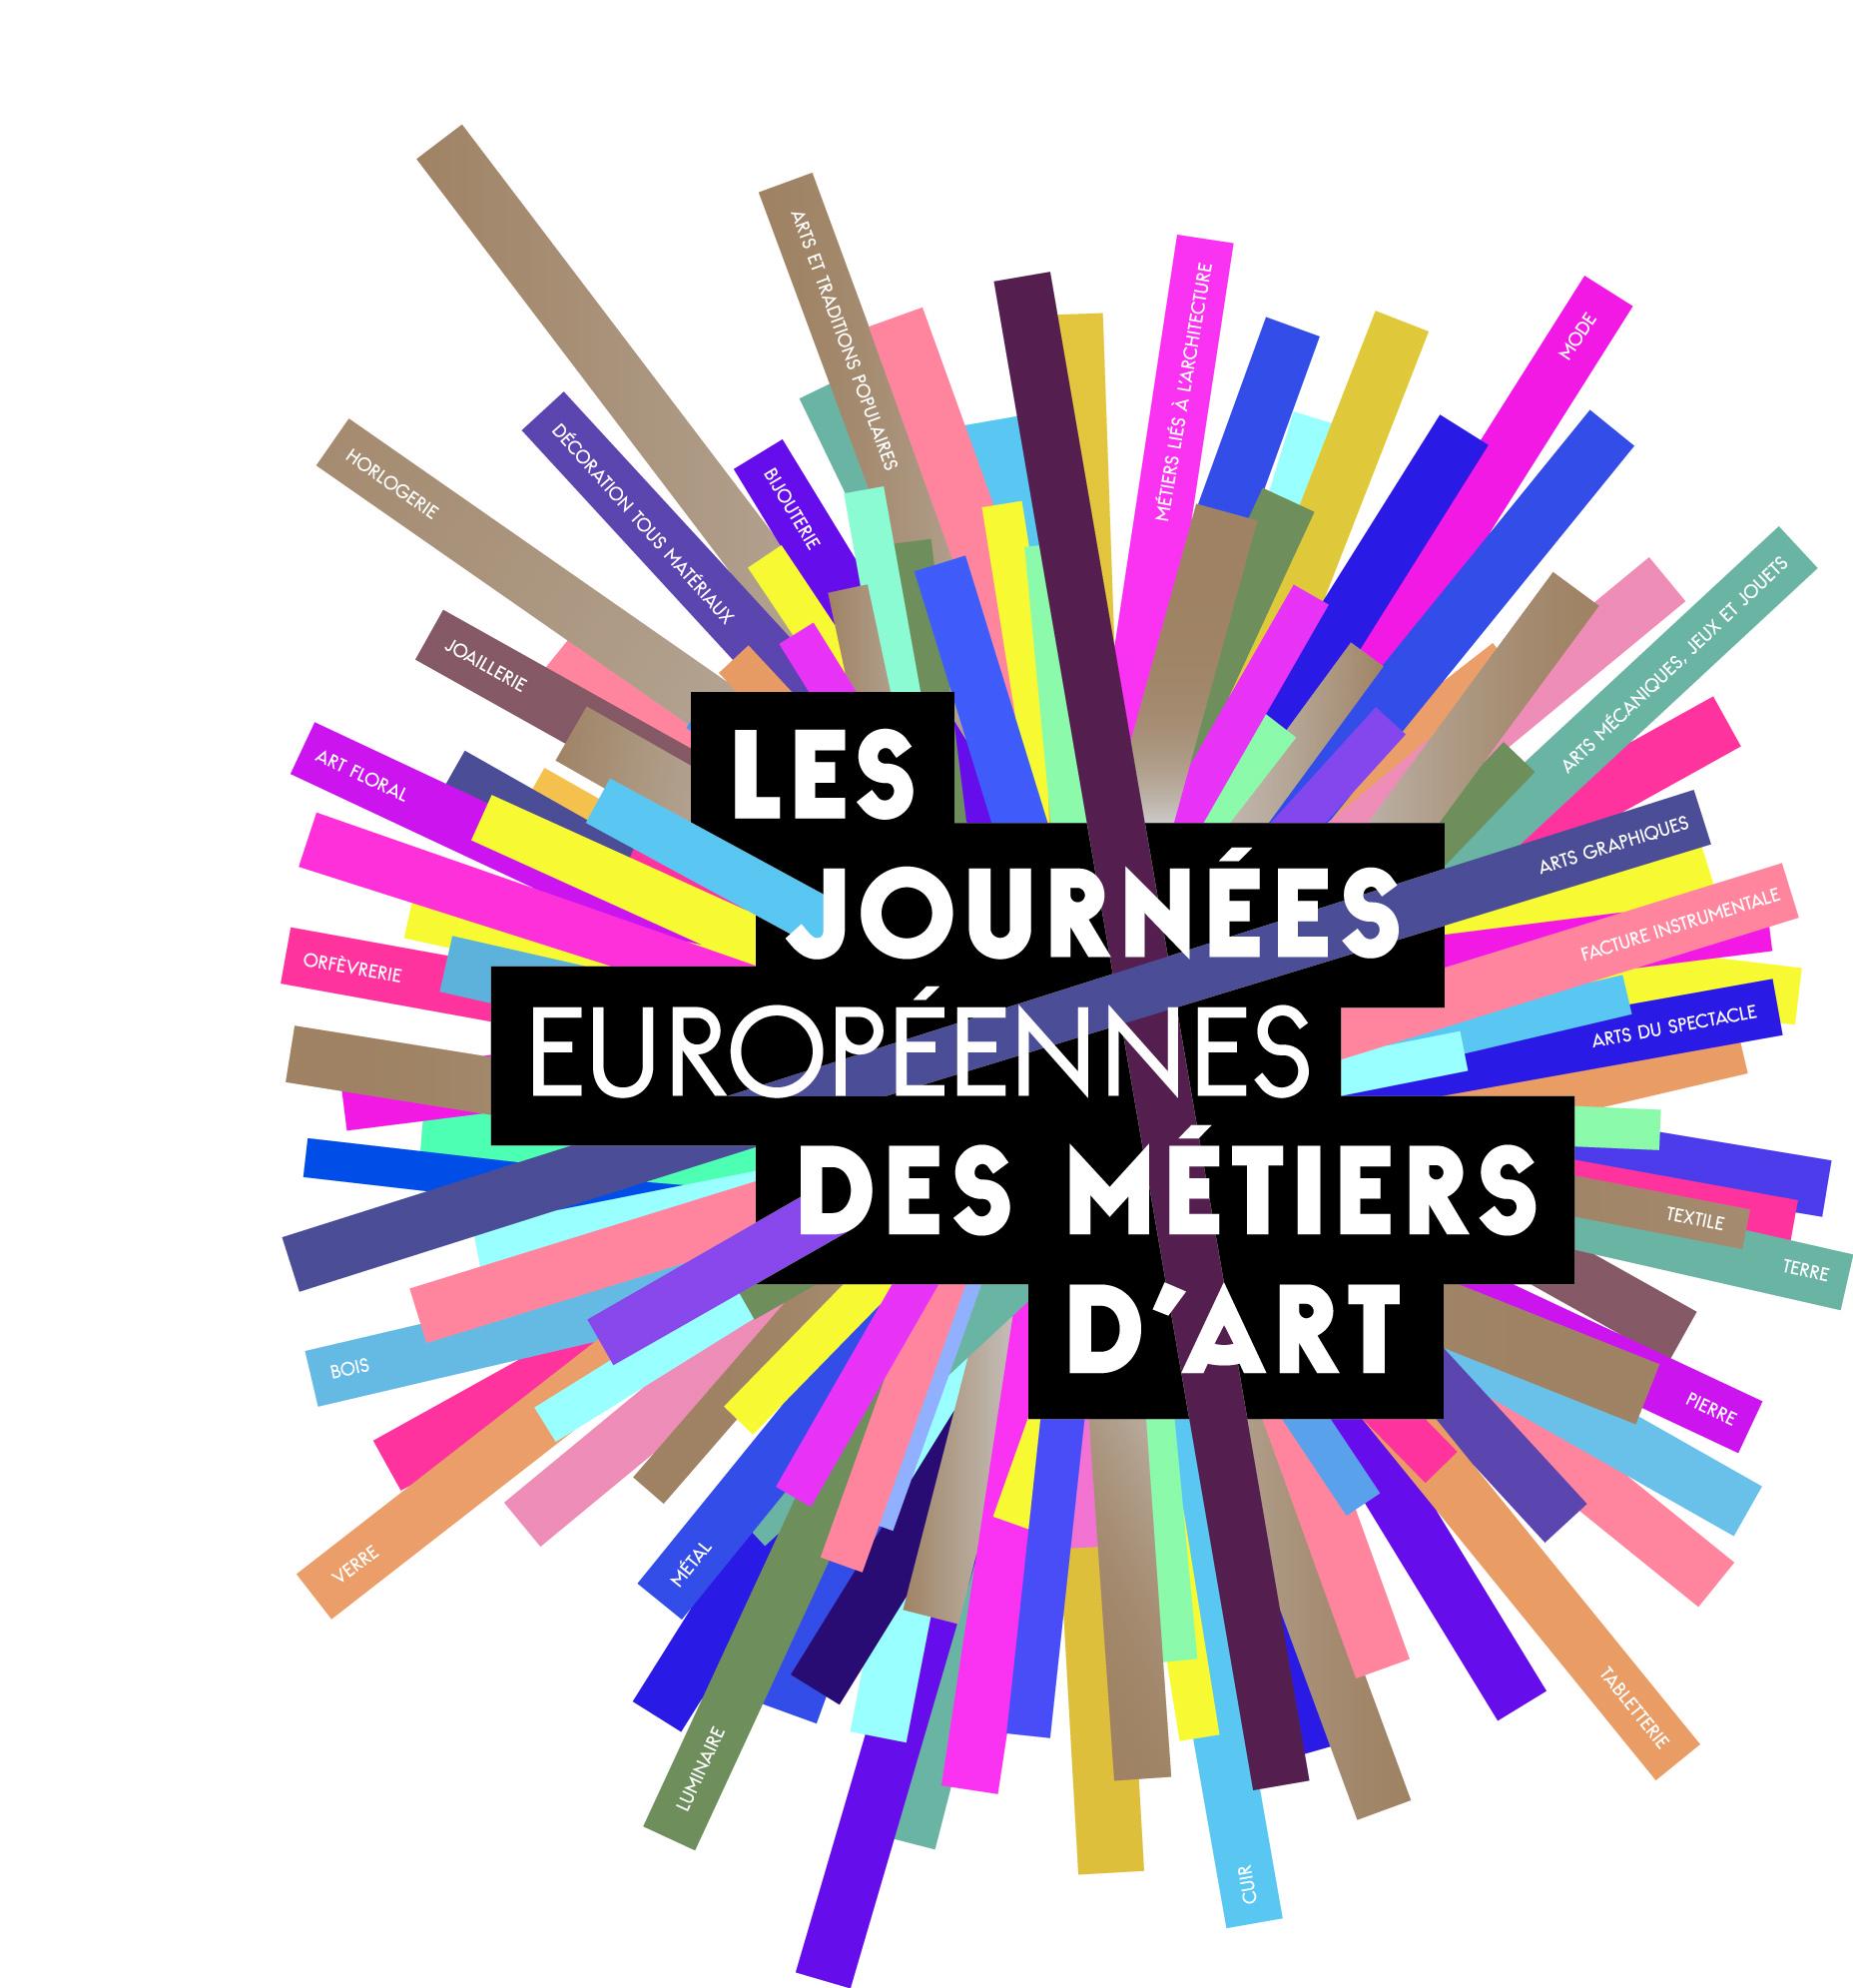 LES JOURNÉES EUROPÉENNES DES MÉTIERS D'ART 2016 les 2 et 3 avril